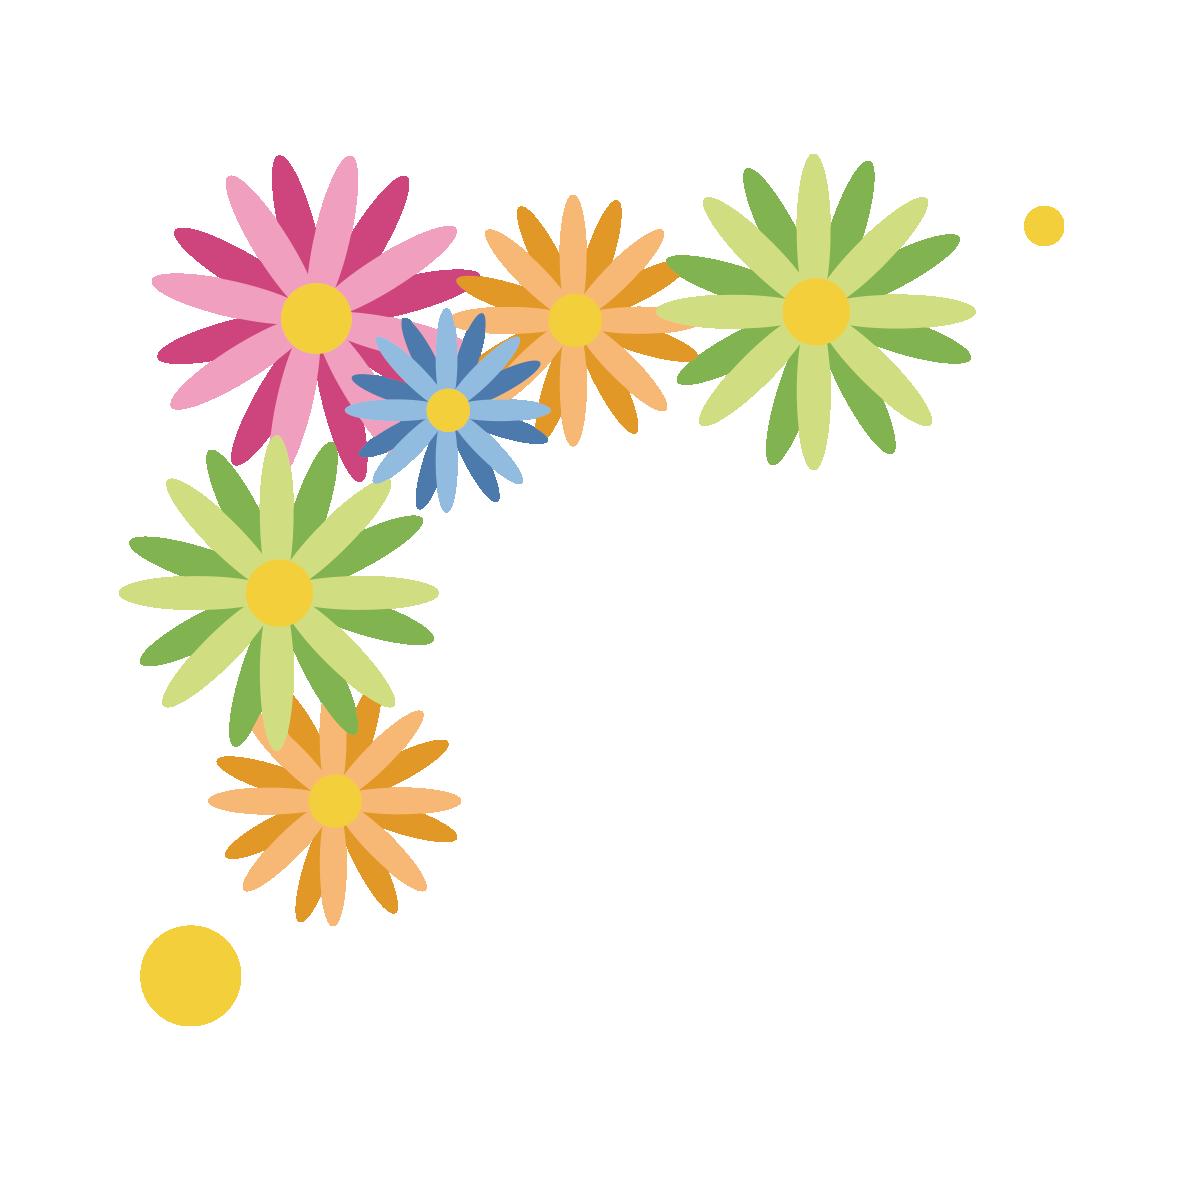 カラフルな花のコーナー飾りピンク 無料イラスト愛